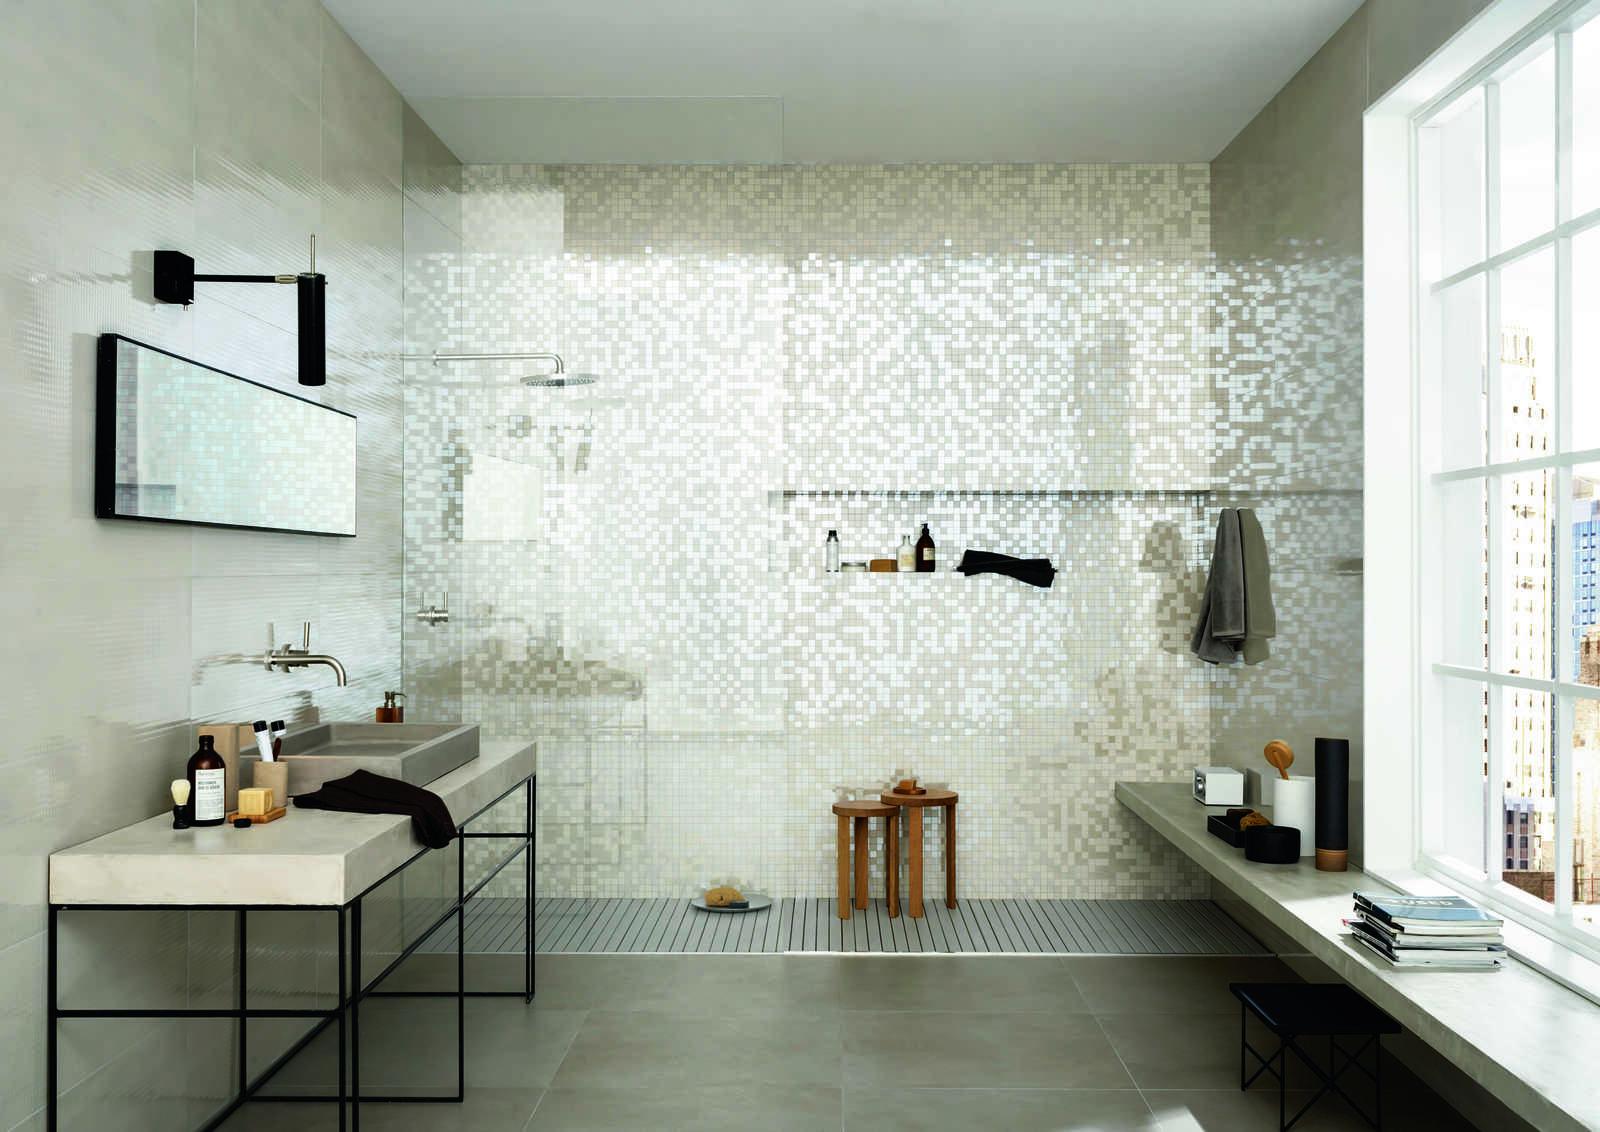 Imperfetto piastrelle bagno colorate marazzi for Piastrelle bianche lucide pavimento